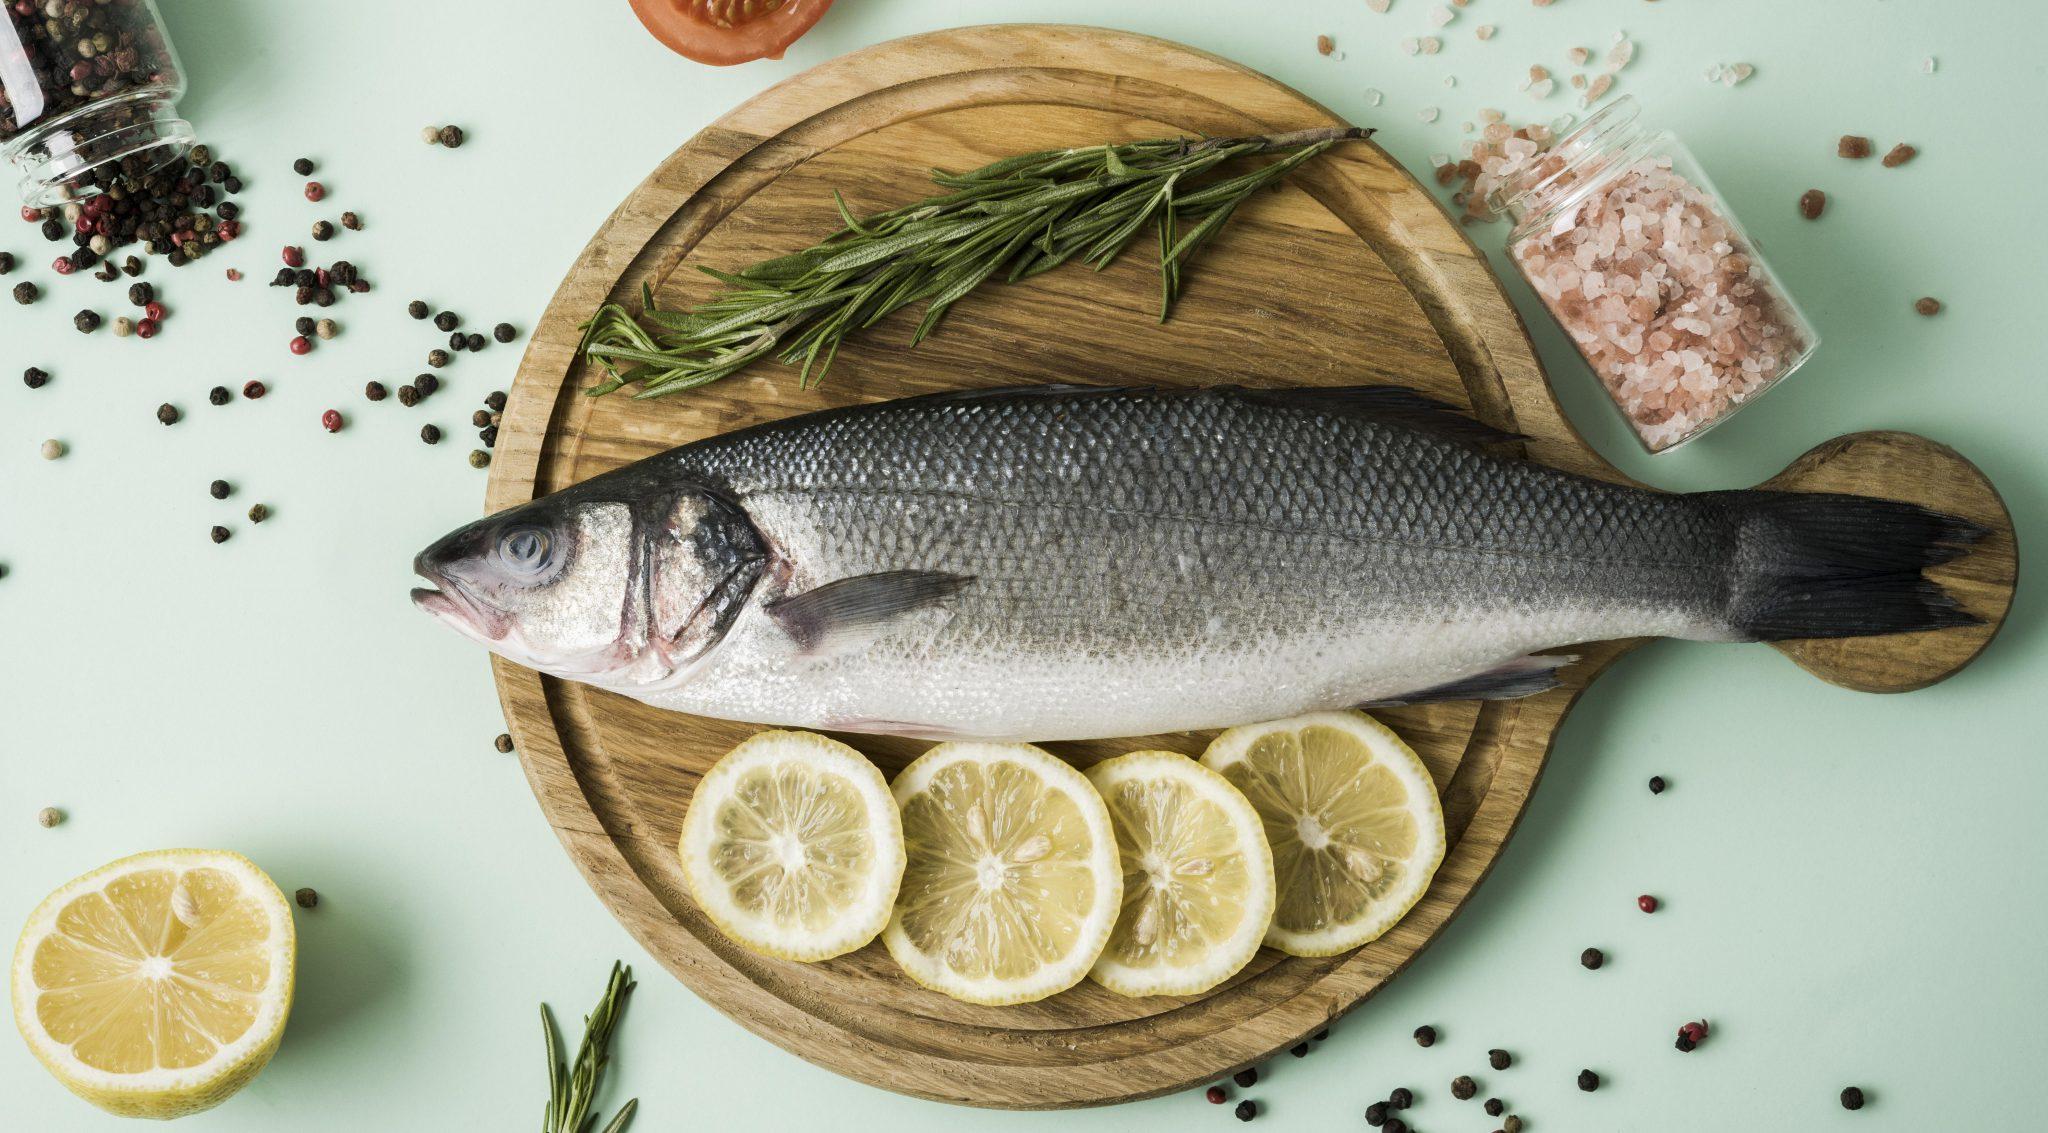 Ribe v prehrani vplivajo na biodiverziteto